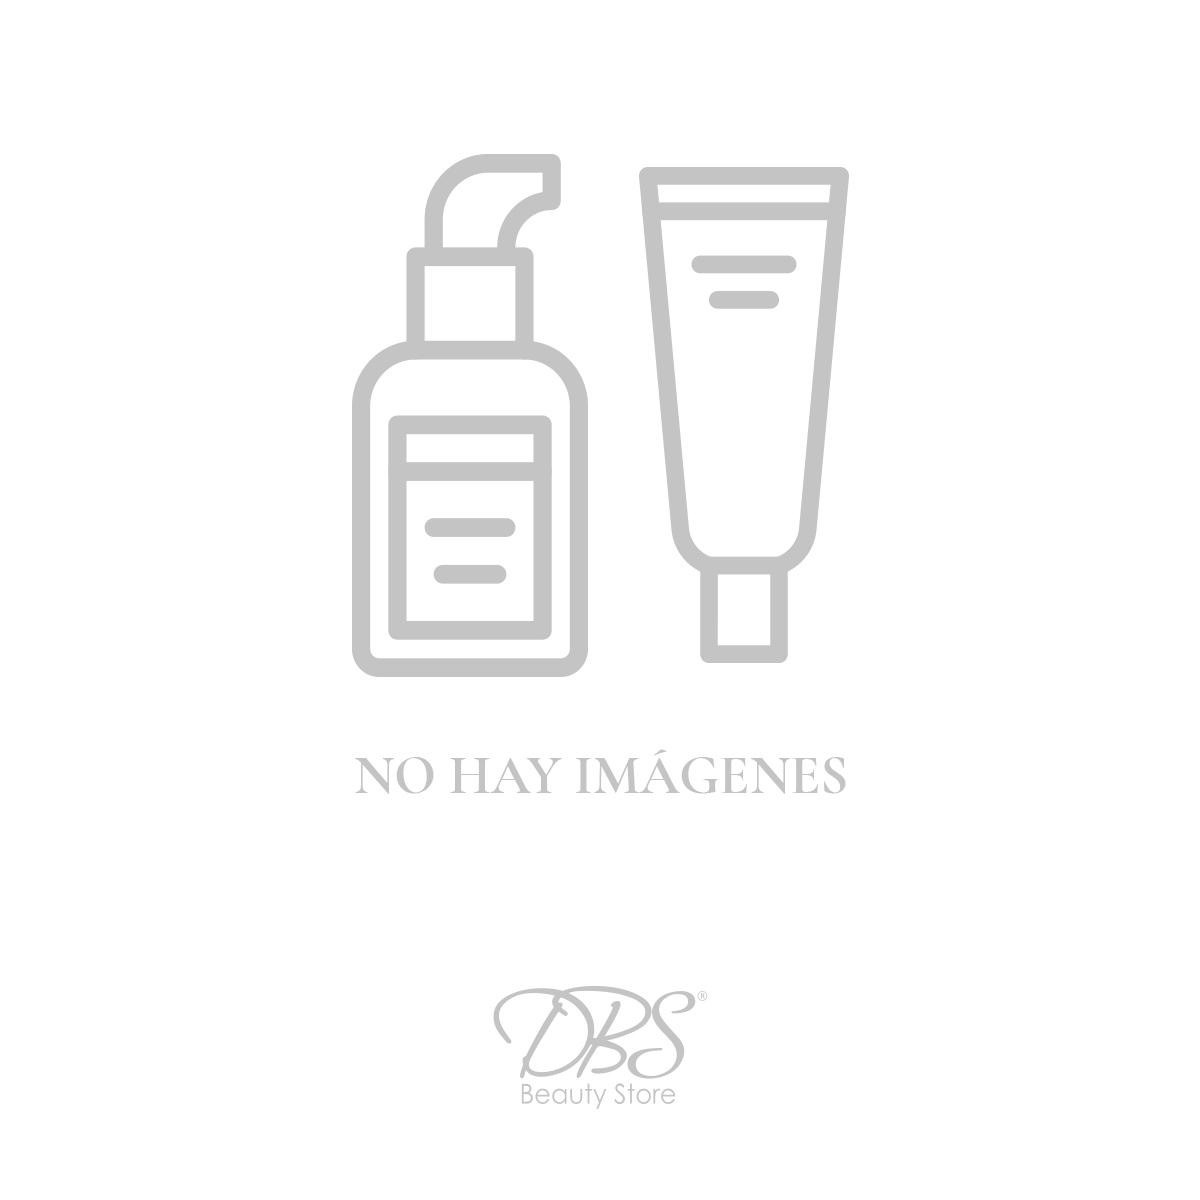 bath-and-body-works-BW-21494.jpg